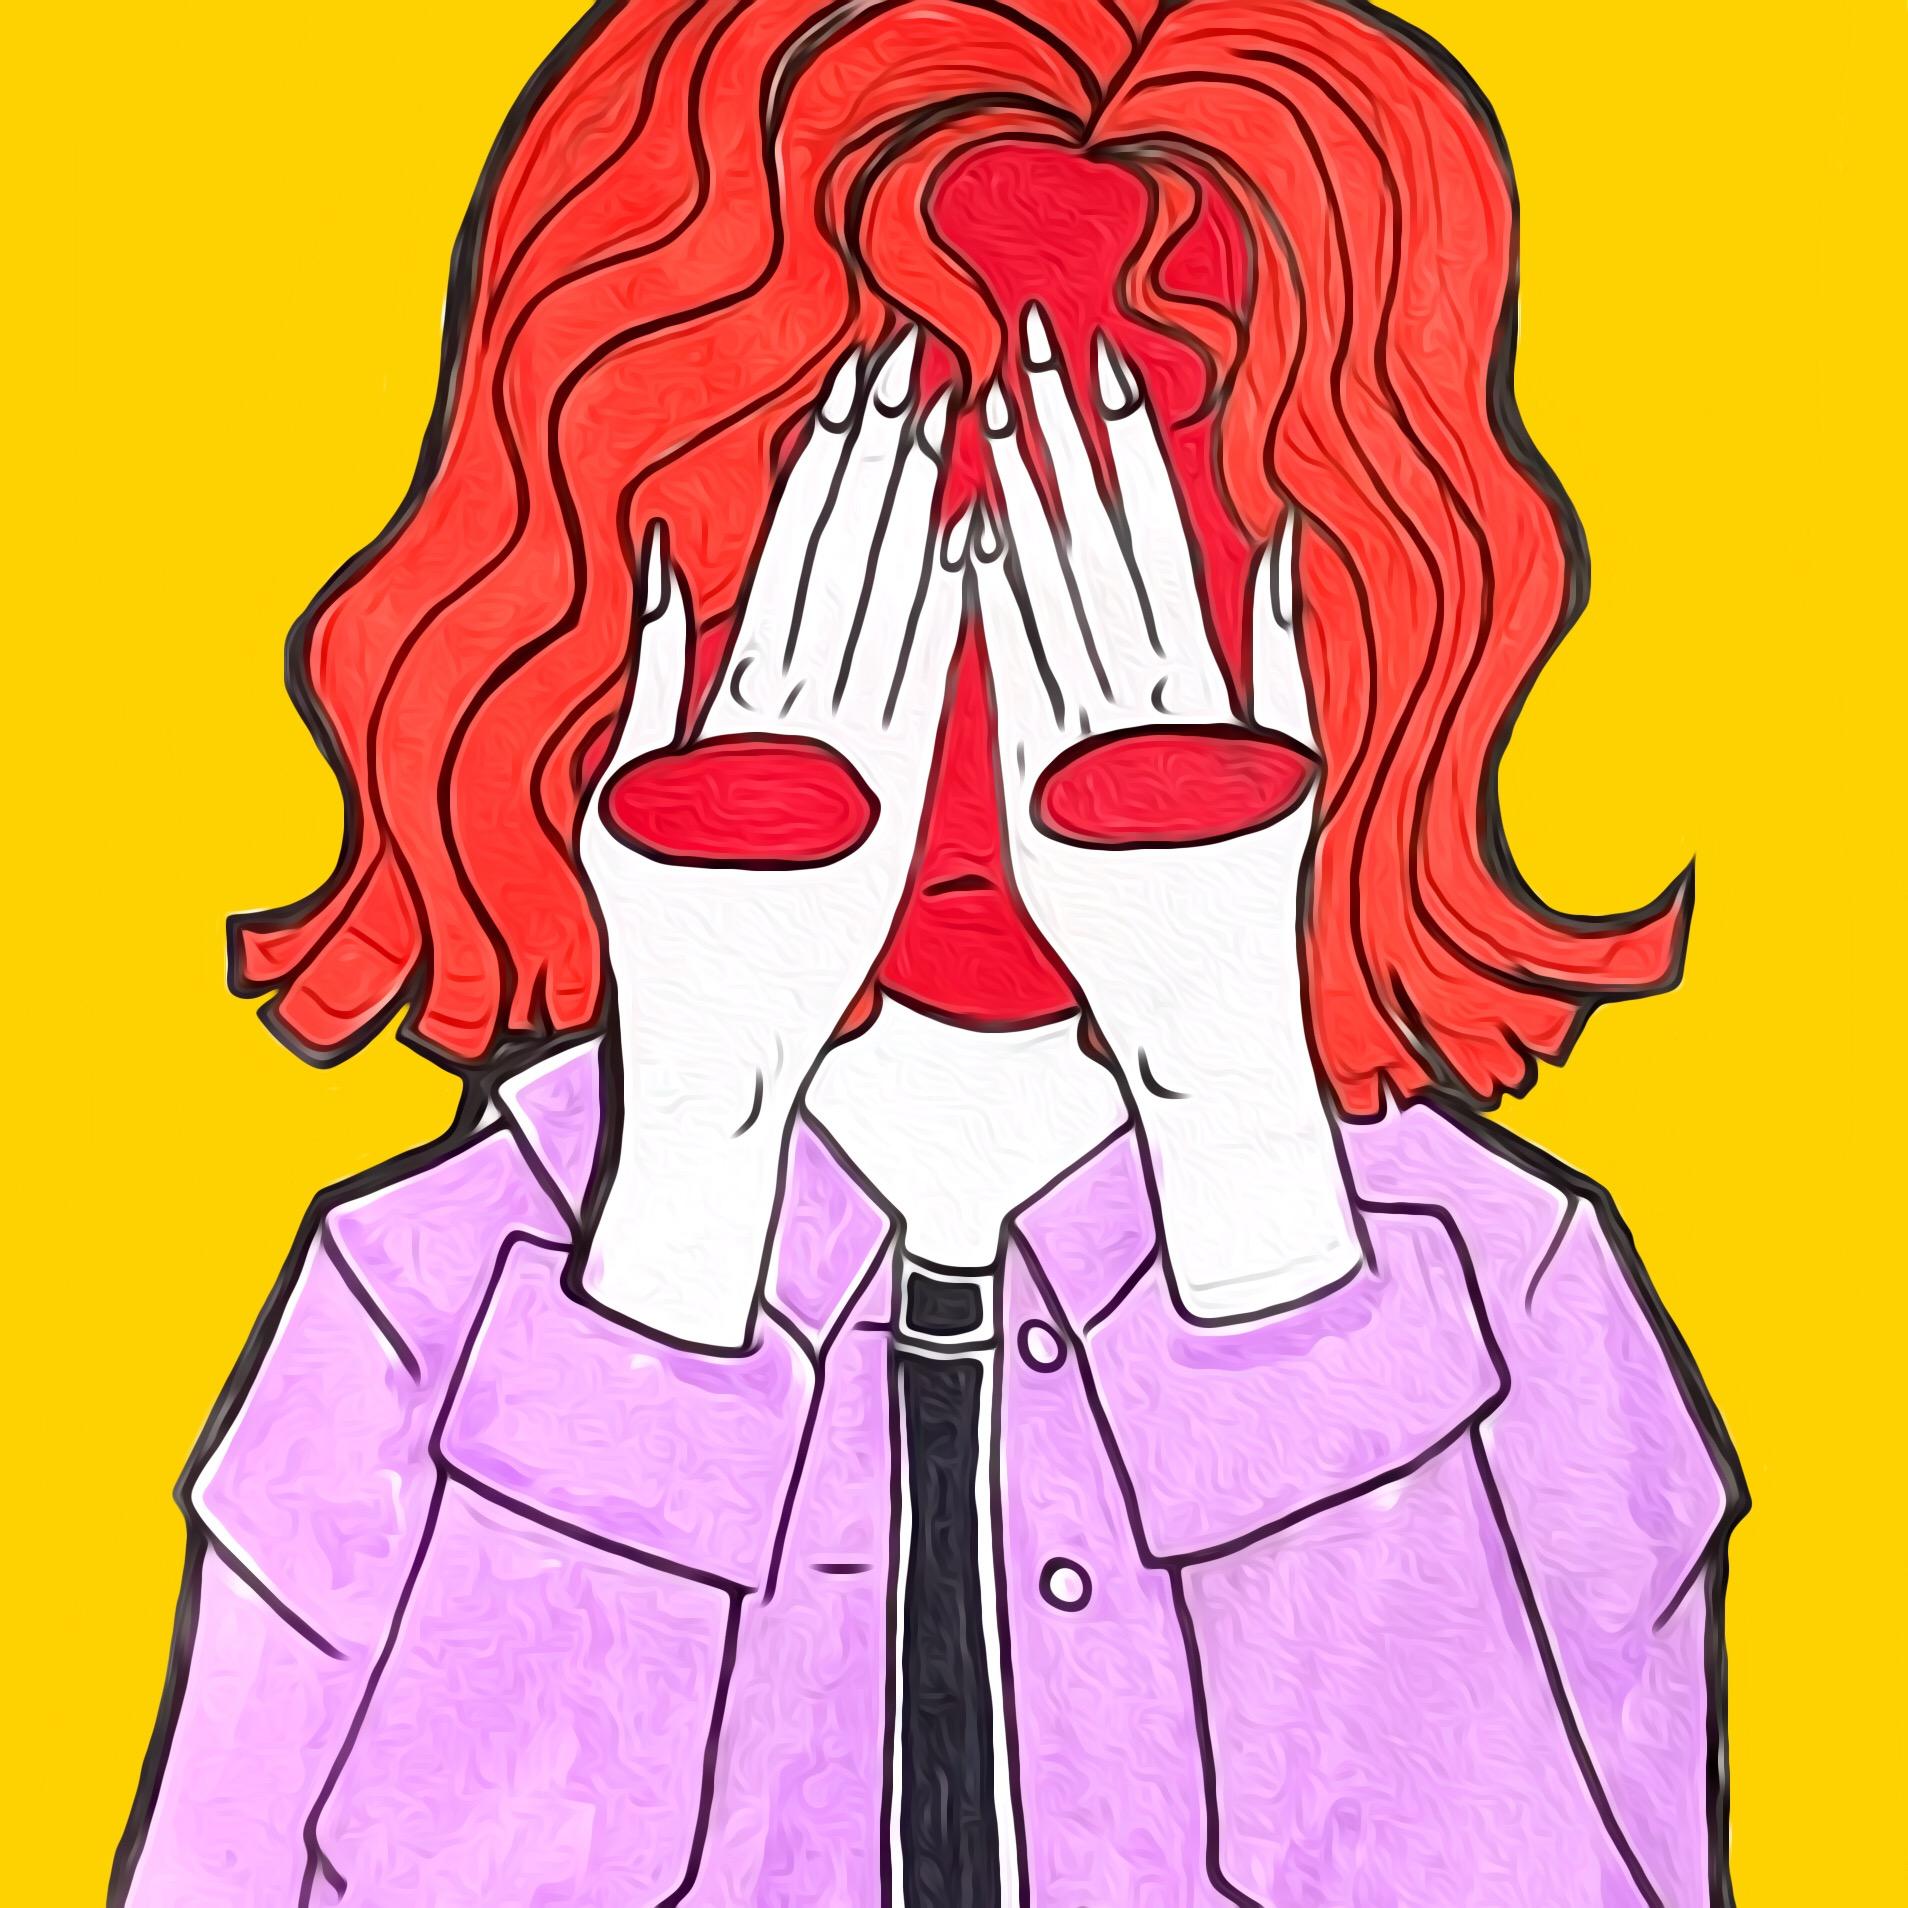 Ilustración de una mujer cubriéndose los ojos con la cara roja y óvalos rojos en las manos